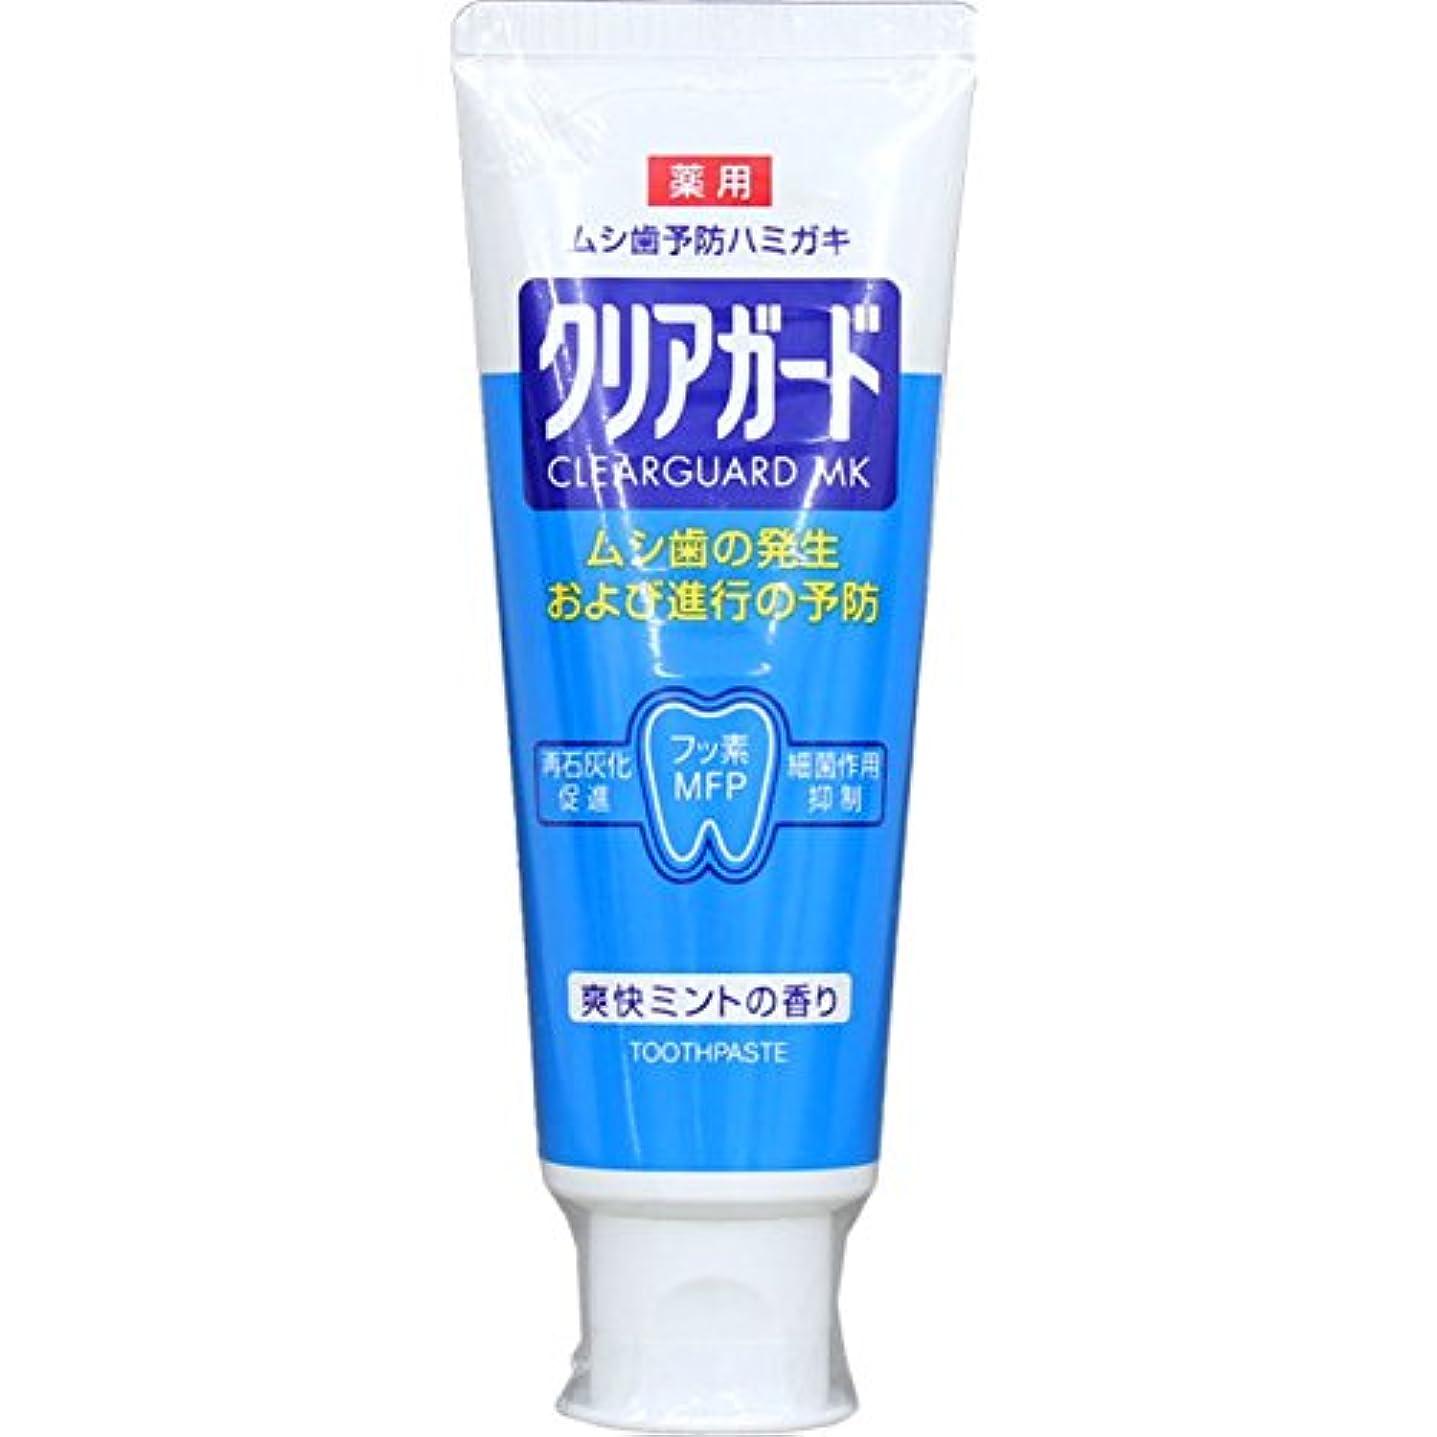 煙ワゴン予言するMK 薬用クリアガード 160g (医薬部外品)